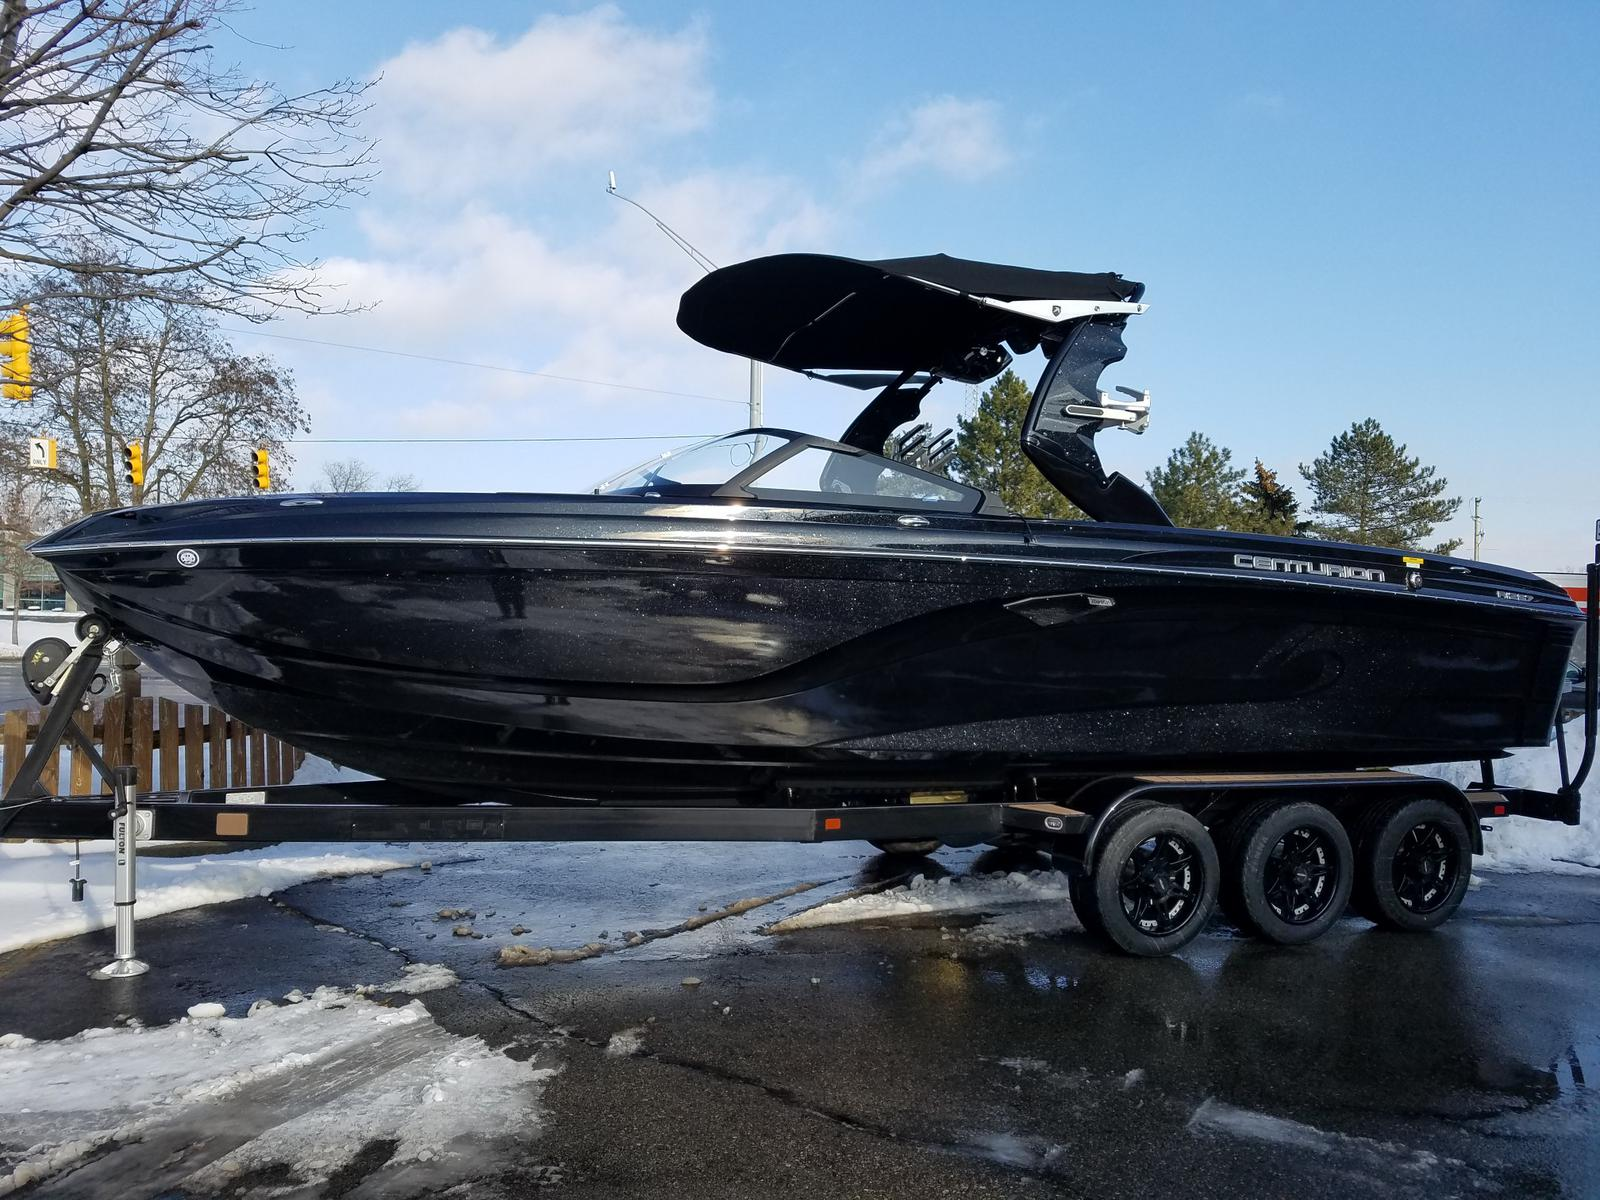 Centurion Boats For Sale >> Centurion Boats For Sale Boat Trader